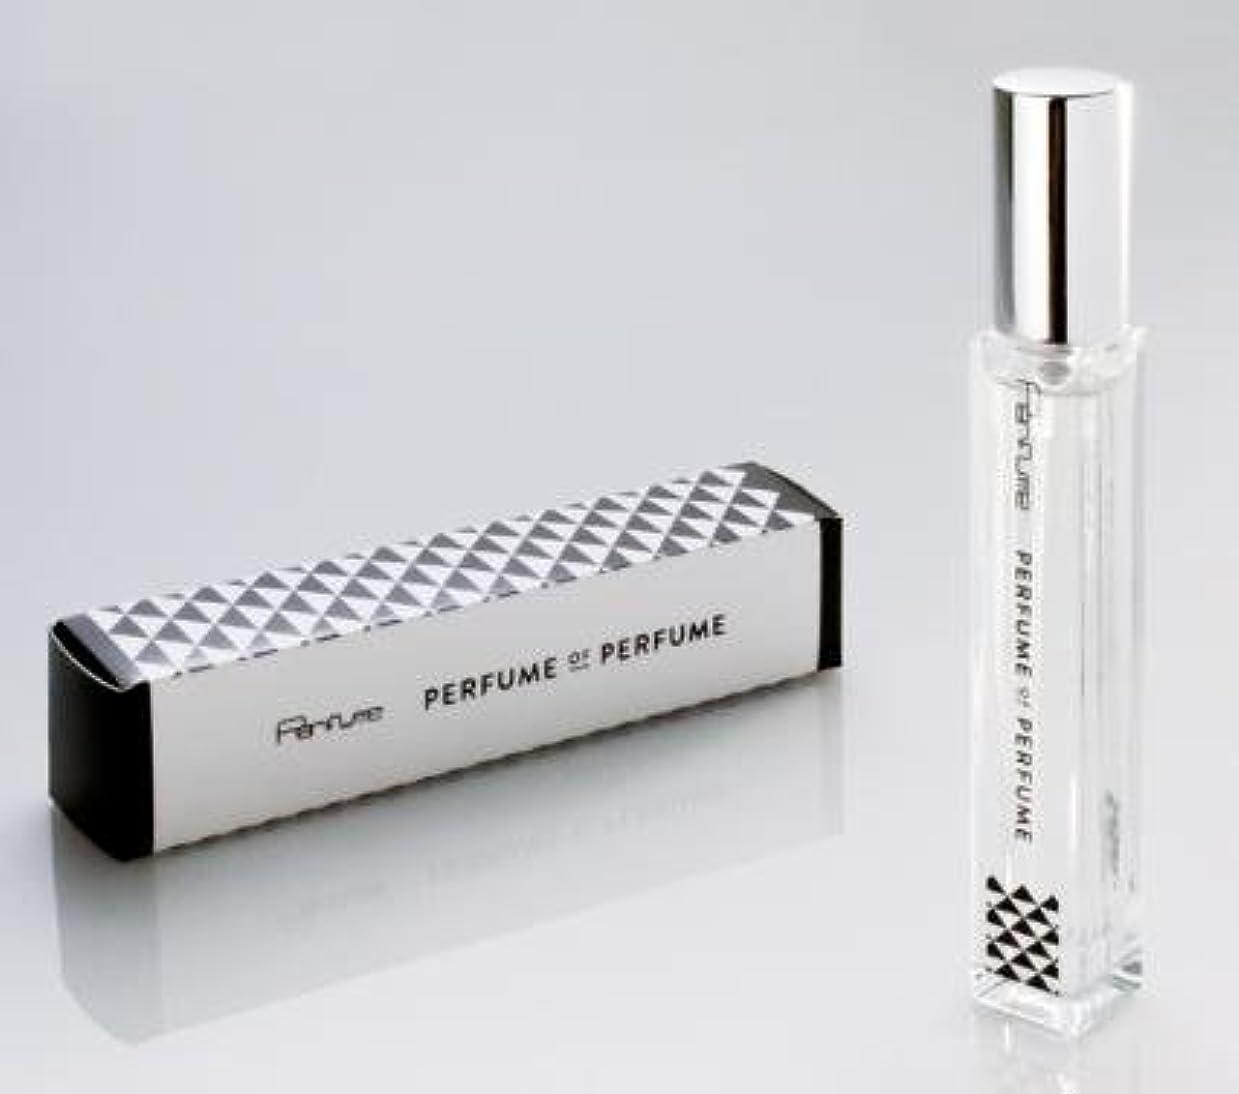 配列神指令Perfume オリジナル香水 [PERFUME OF PERFUME]